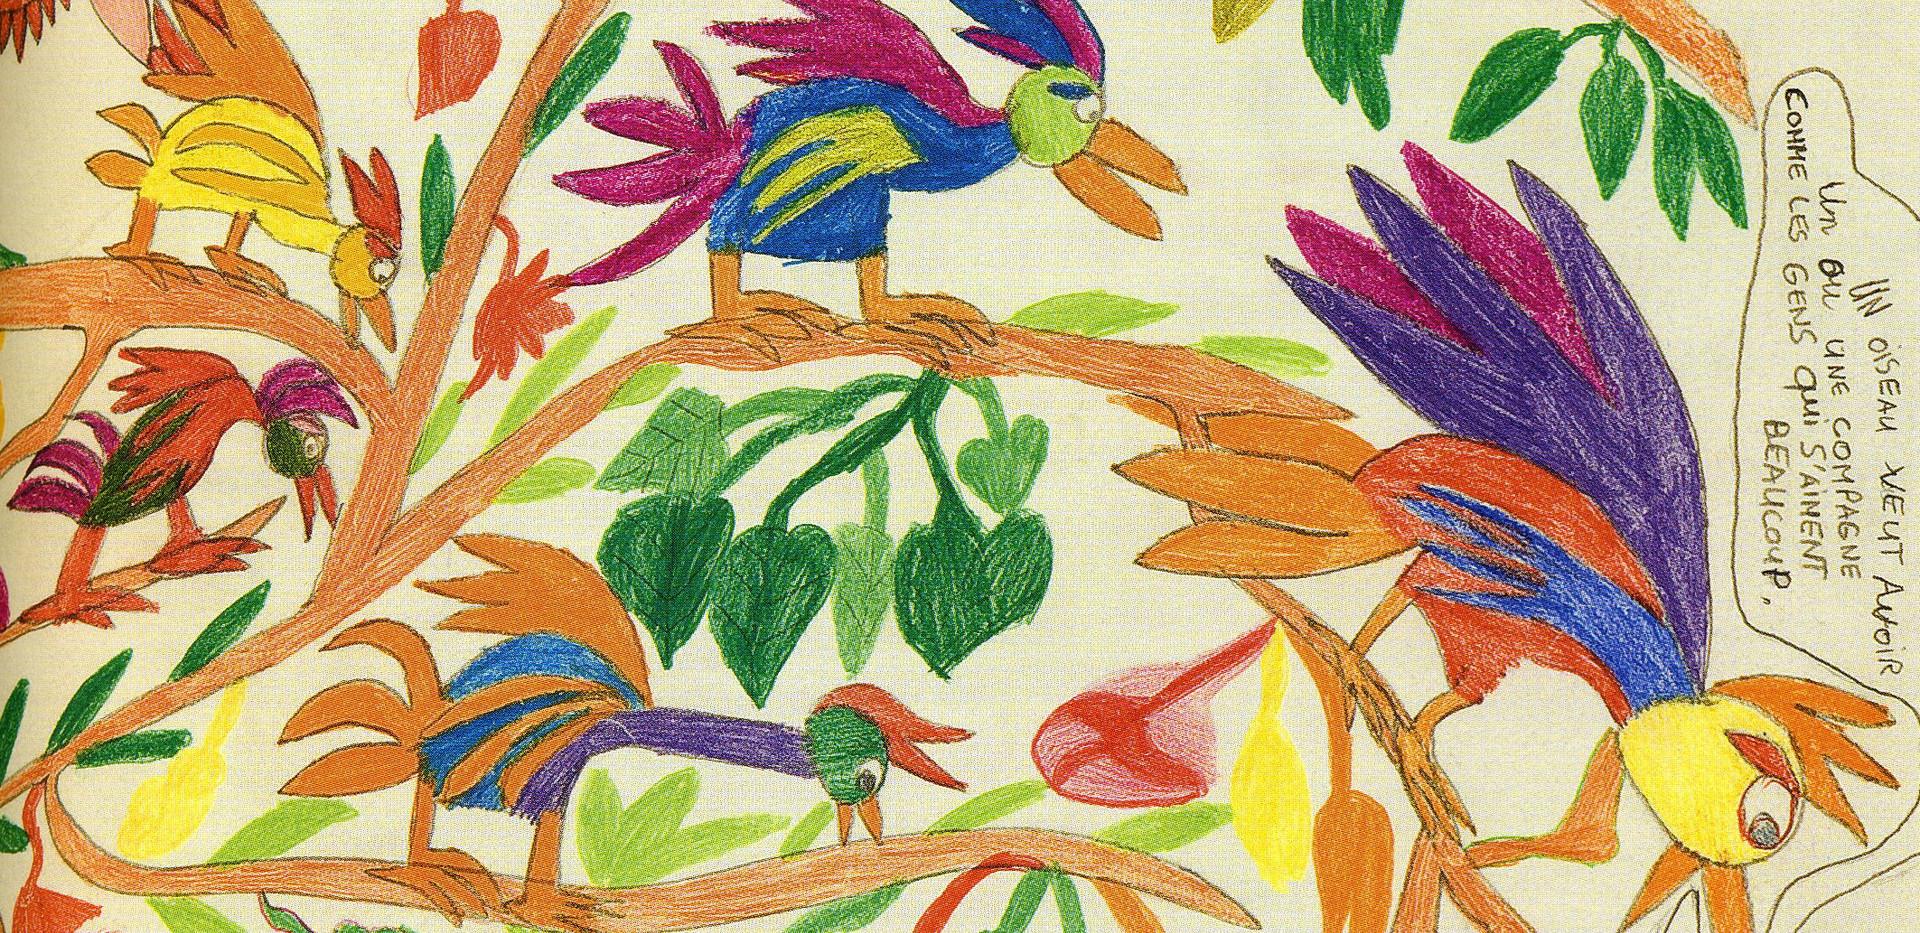 Oiseaux qui parlent, 2005